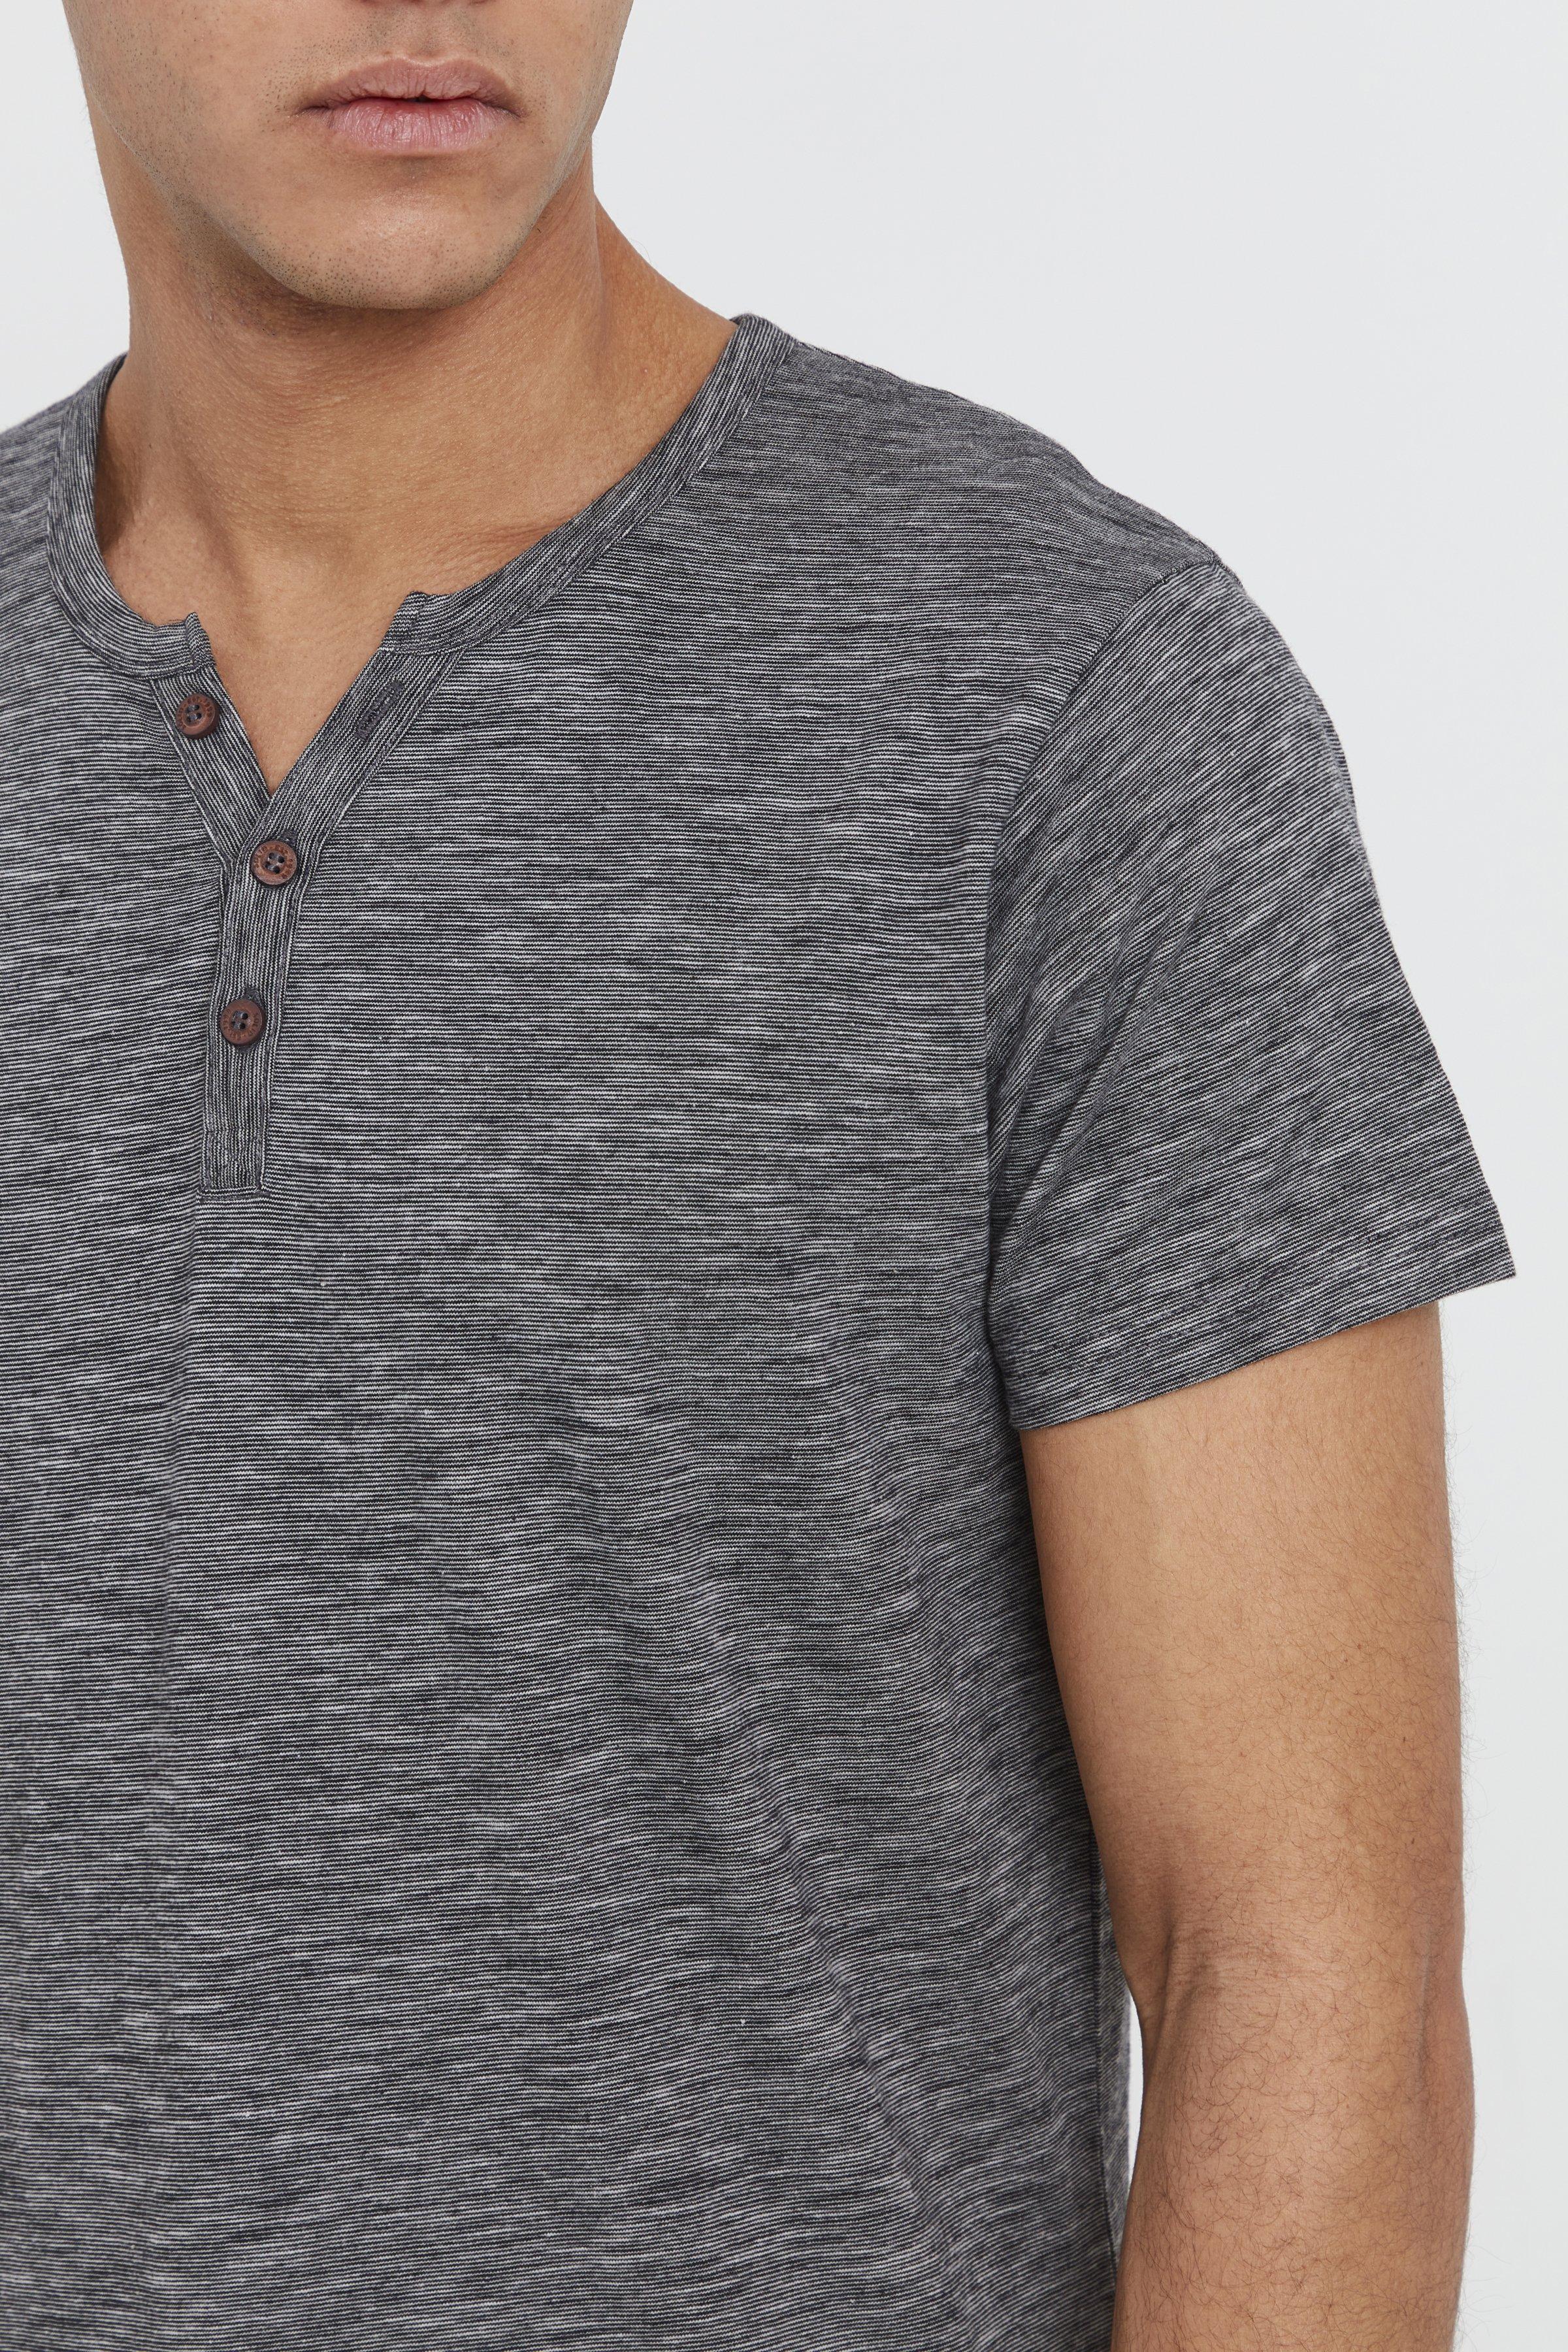 Homme RUNDHALSSHIRT SIGOS - T-shirt basique